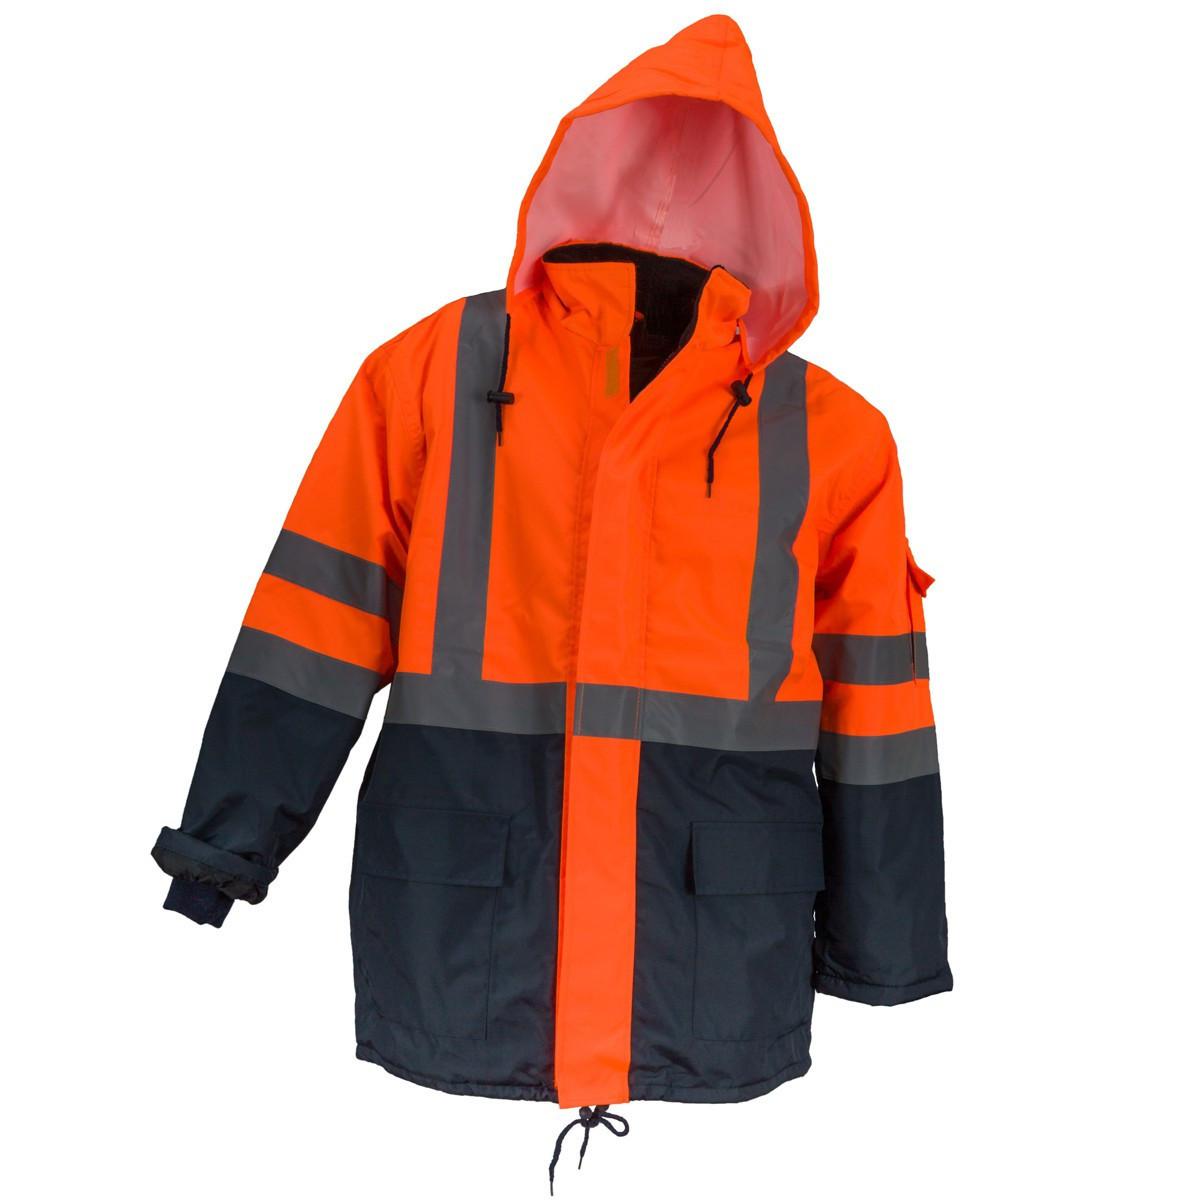 Куртка HSV ORANGE со светотражающими полосами, черно-оранжевого цвета. Urgent (POLAND)